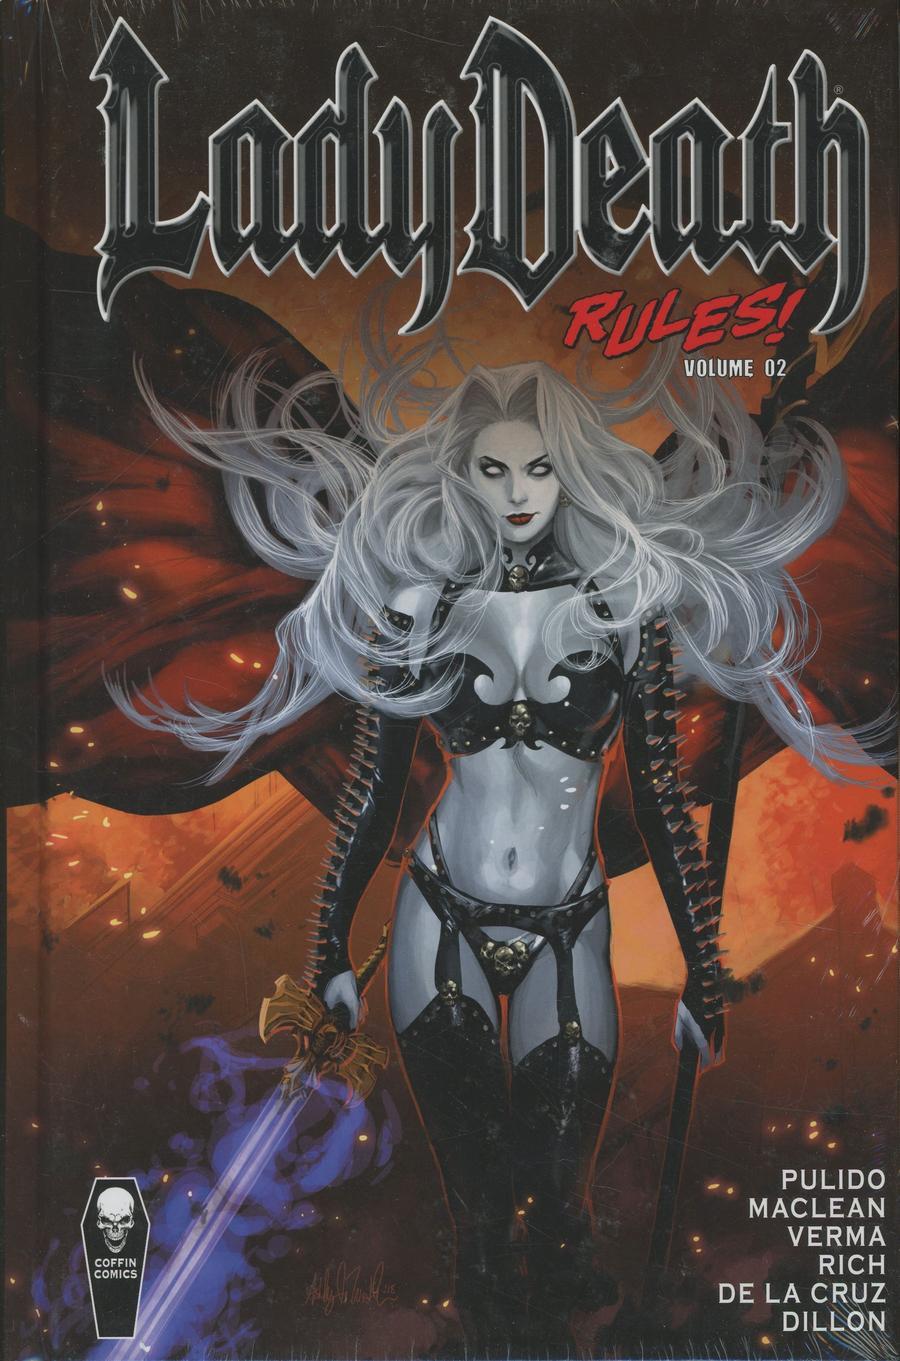 Lady Death Rules Vol 2 HC